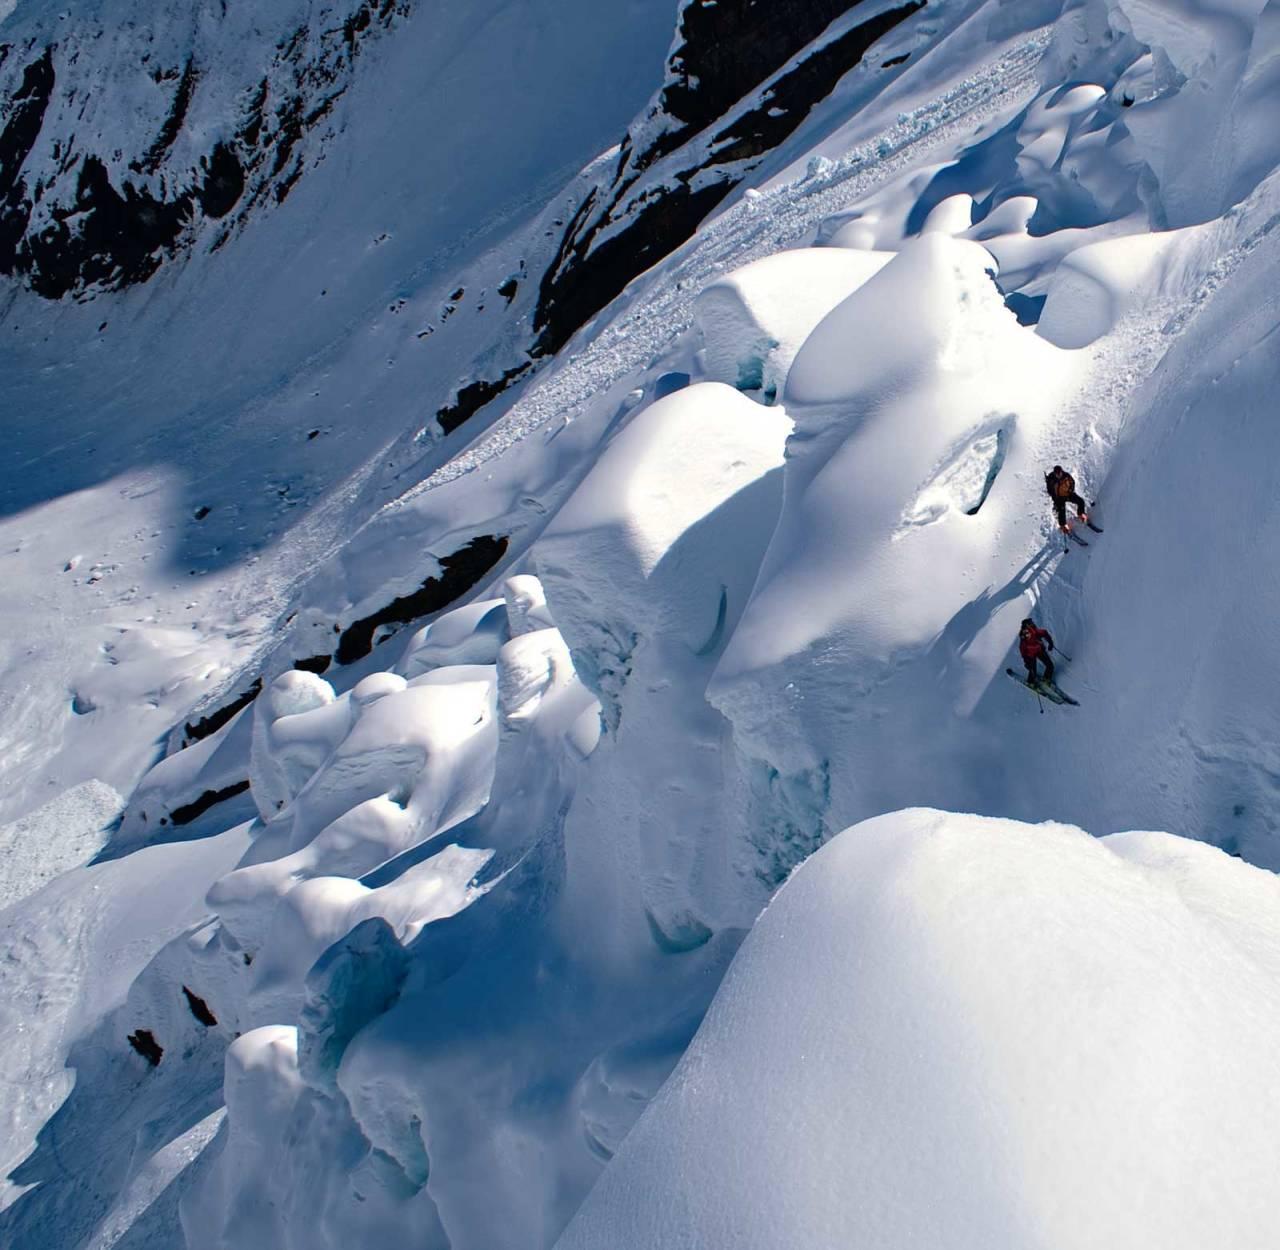 Fyrstemann ned Bergsetbreen 1. april 2008, store snømengder gjorde turen mogeleg. Foto: Bjørnar Bjørhusdal. / Toppturar i Sogn.